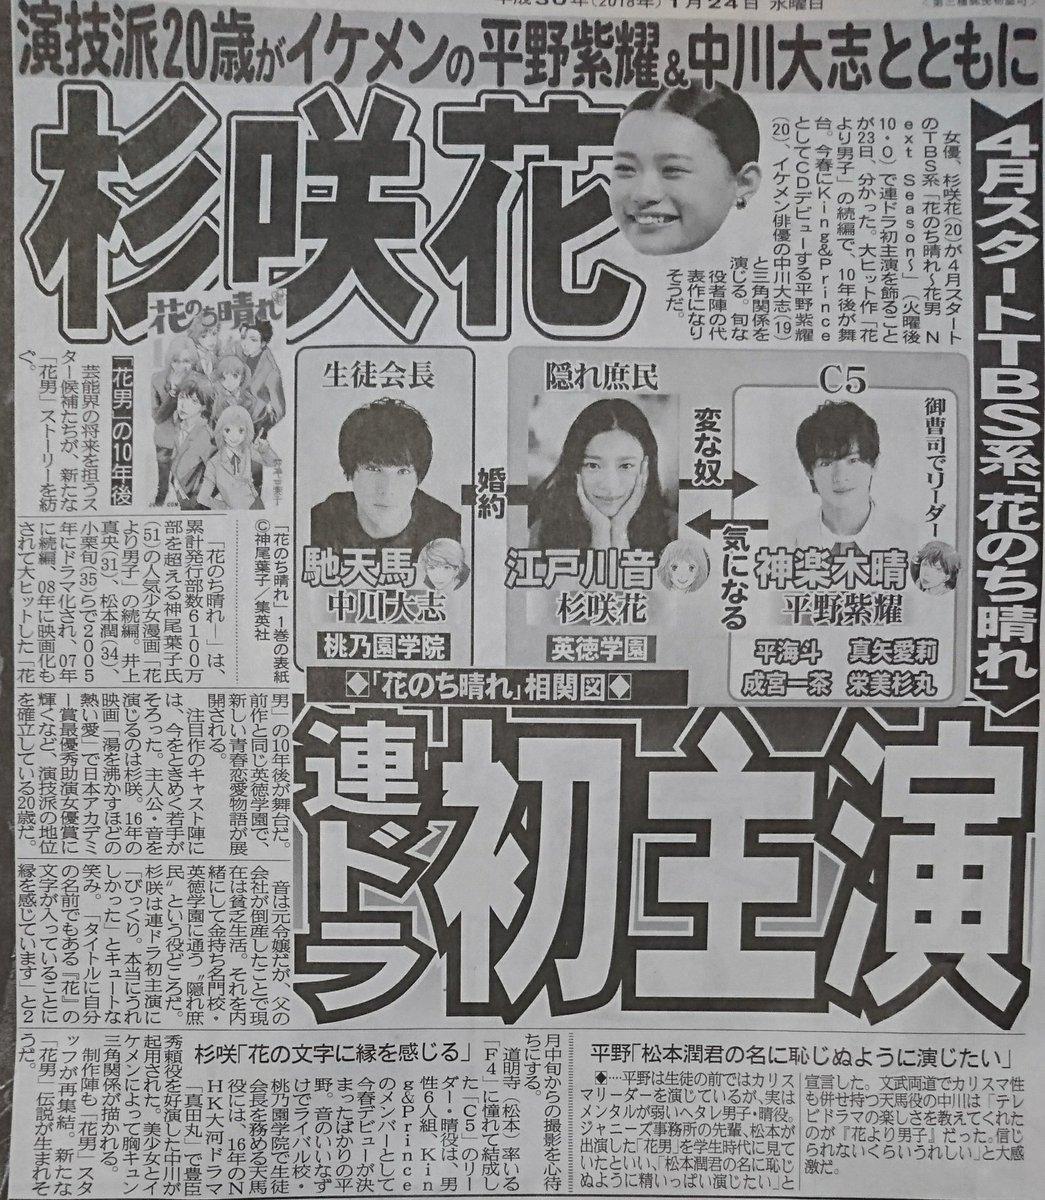 4月スタート TBS系「花のち晴れ」『花男』の10年後が舞台 杉咲花&平野紫耀&中川大志 共演!